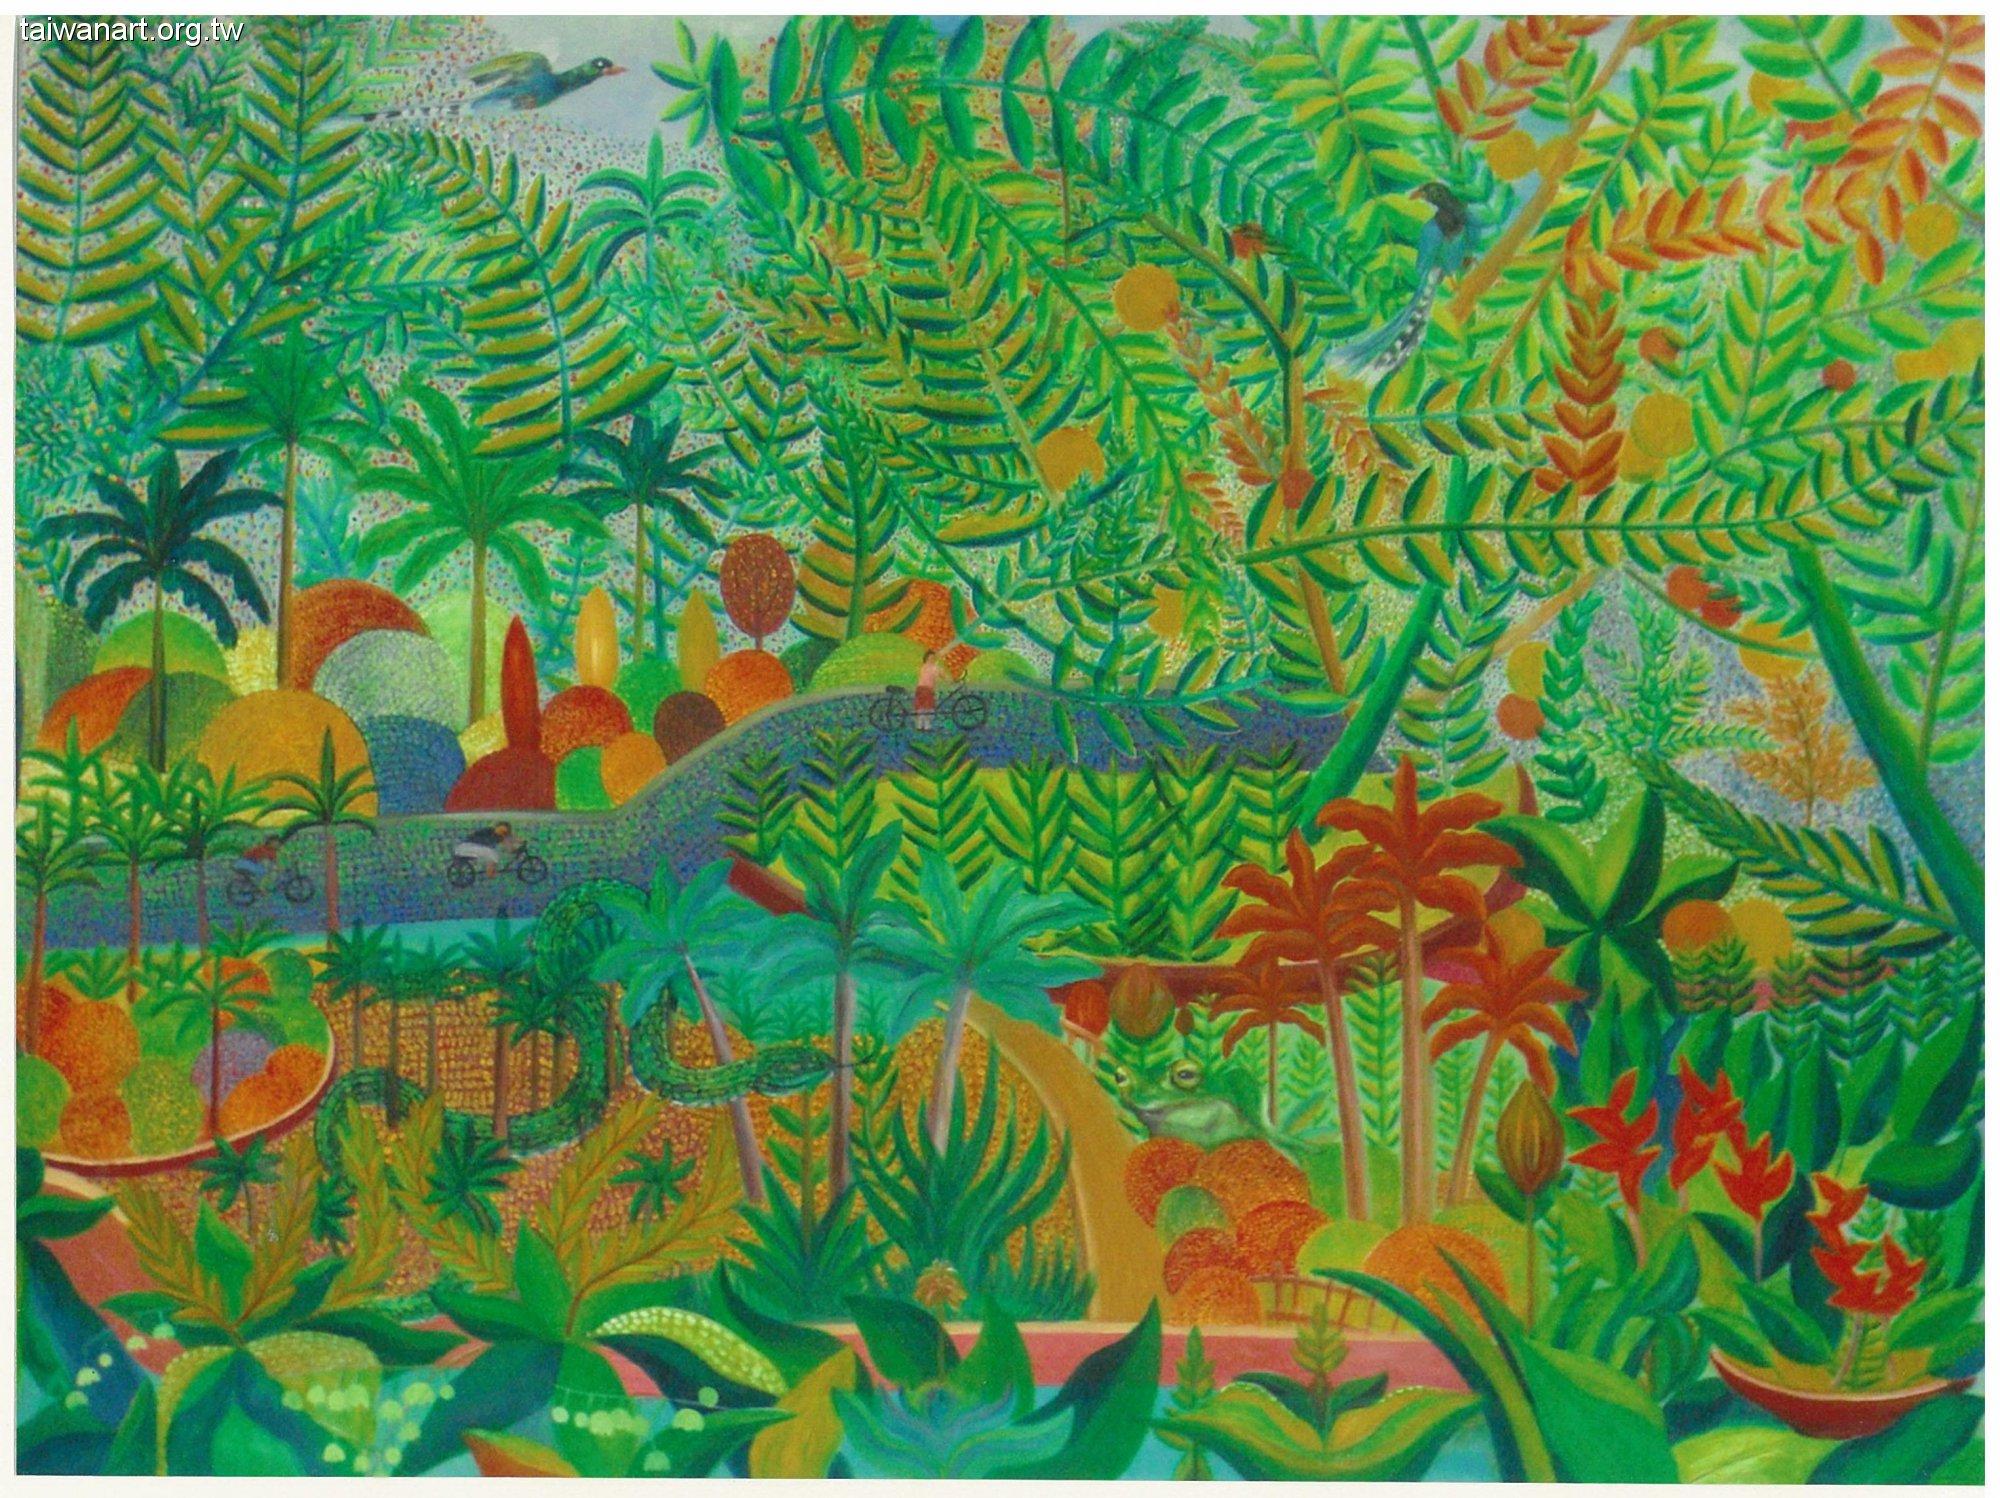 爱护森林保护森林的画-一年级保护环境的画_儿童画保护森林怎么画图片